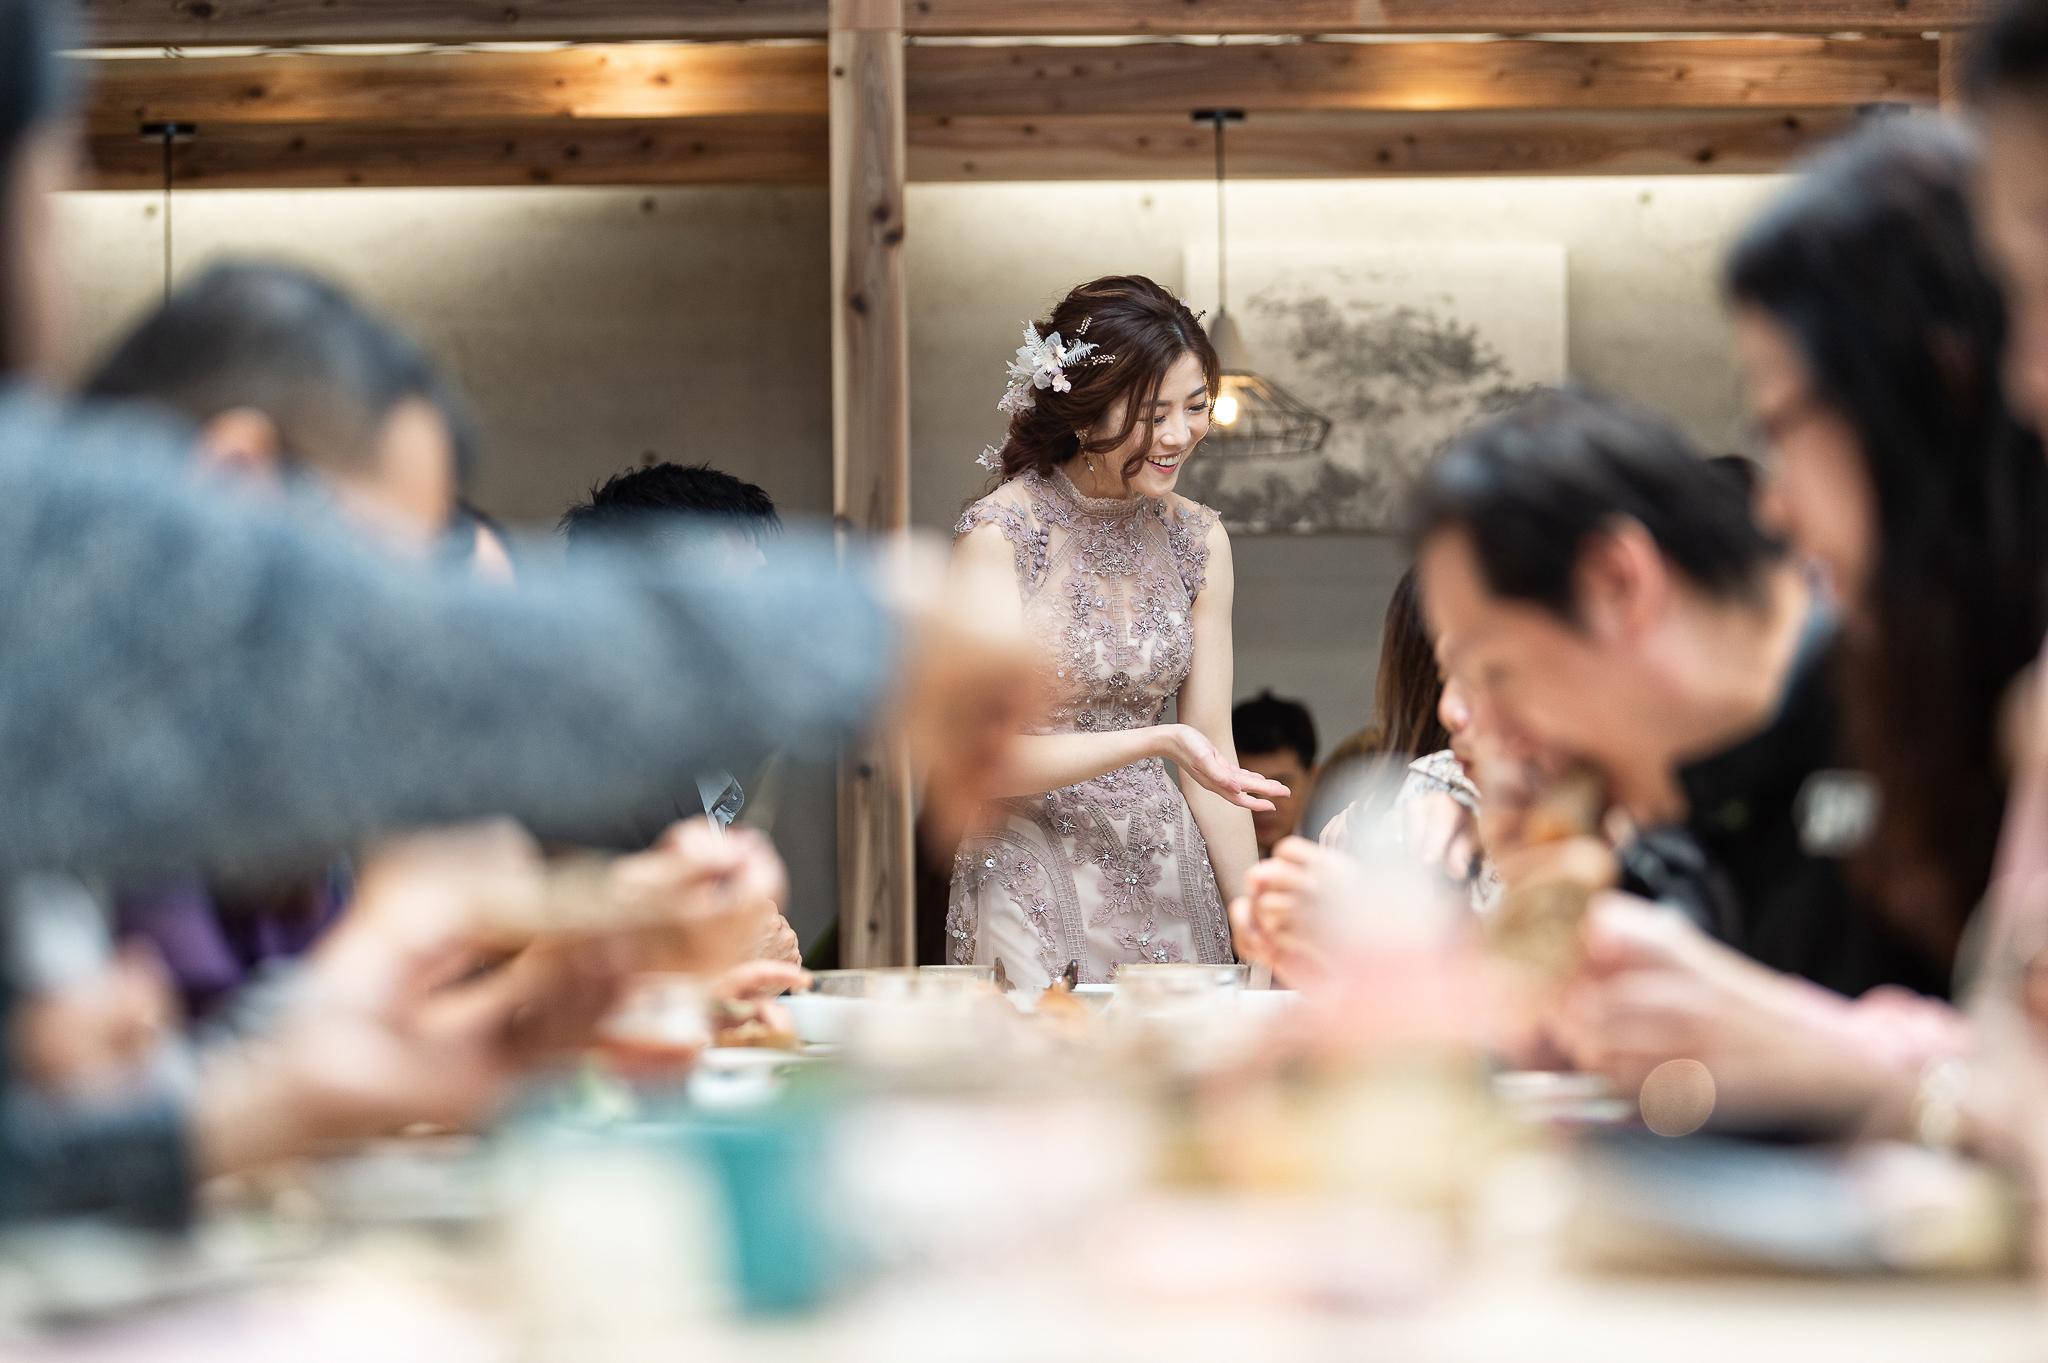 婚禮紀錄 婚攝小亮 推薦婚攝 台北婚攝 ptt推薦 浮島餐廳 林口展悅 浮島婚攝